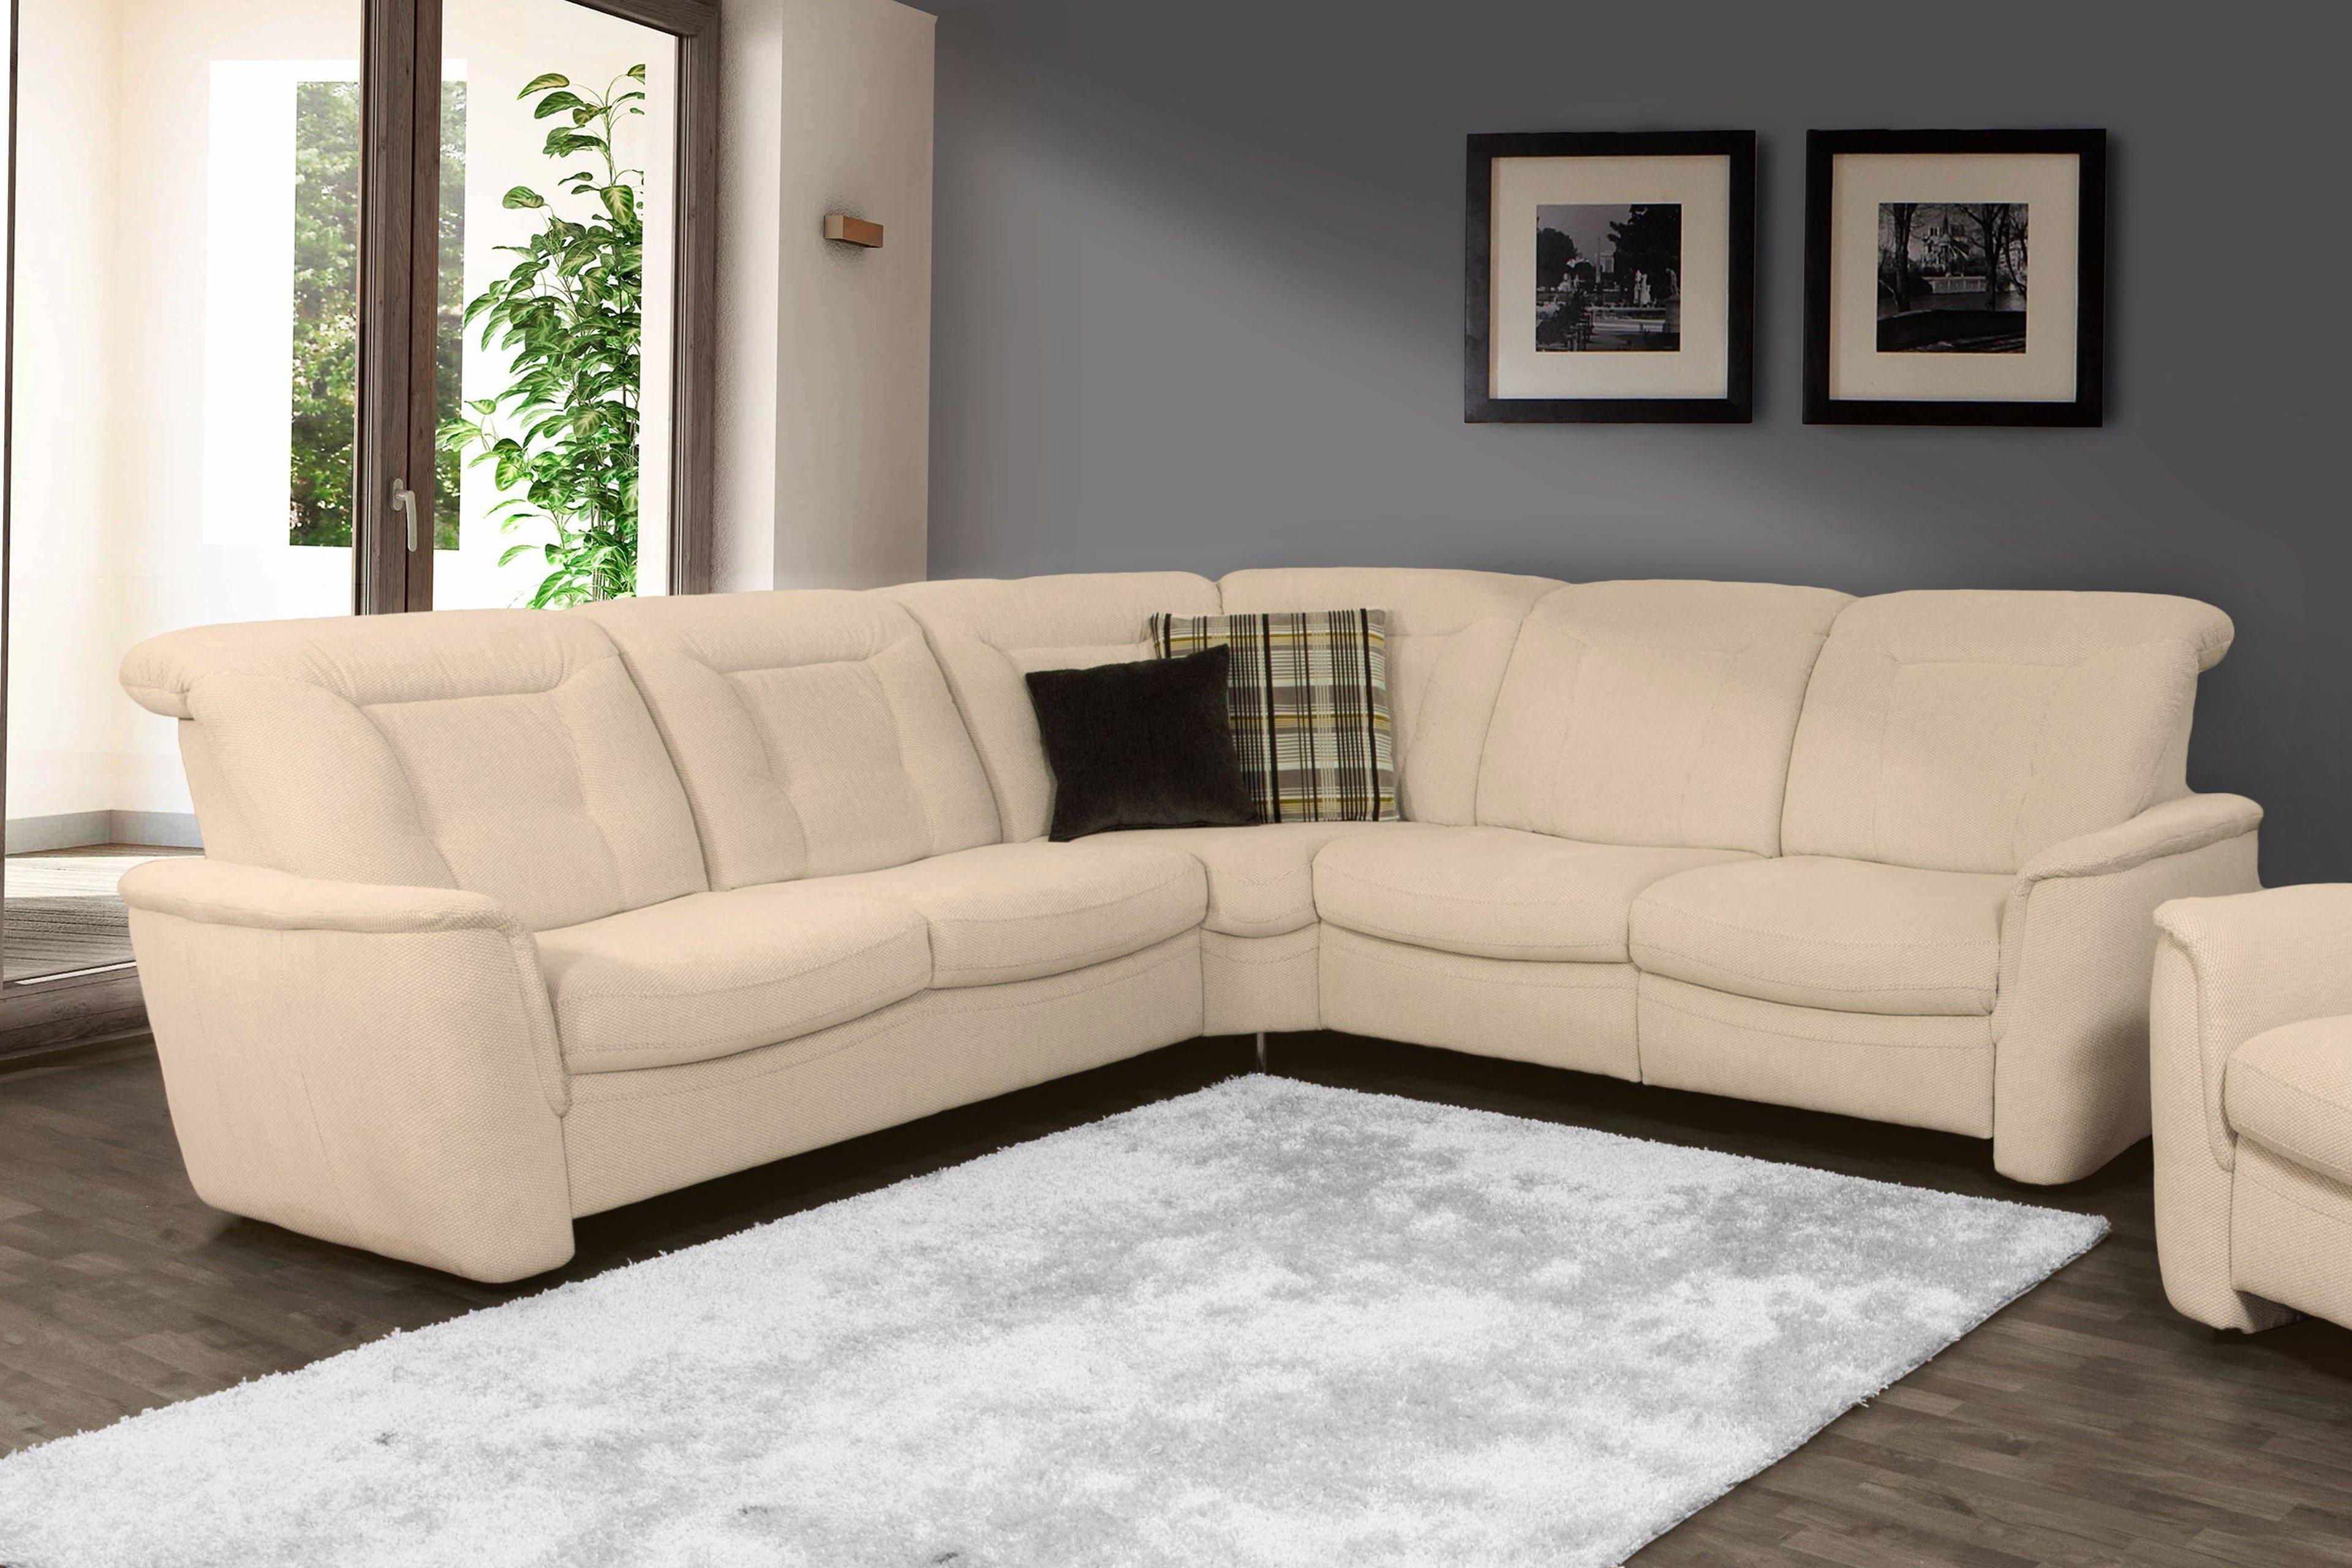 pm oelsa palermo garnitur in creme m bel letz ihr. Black Bedroom Furniture Sets. Home Design Ideas